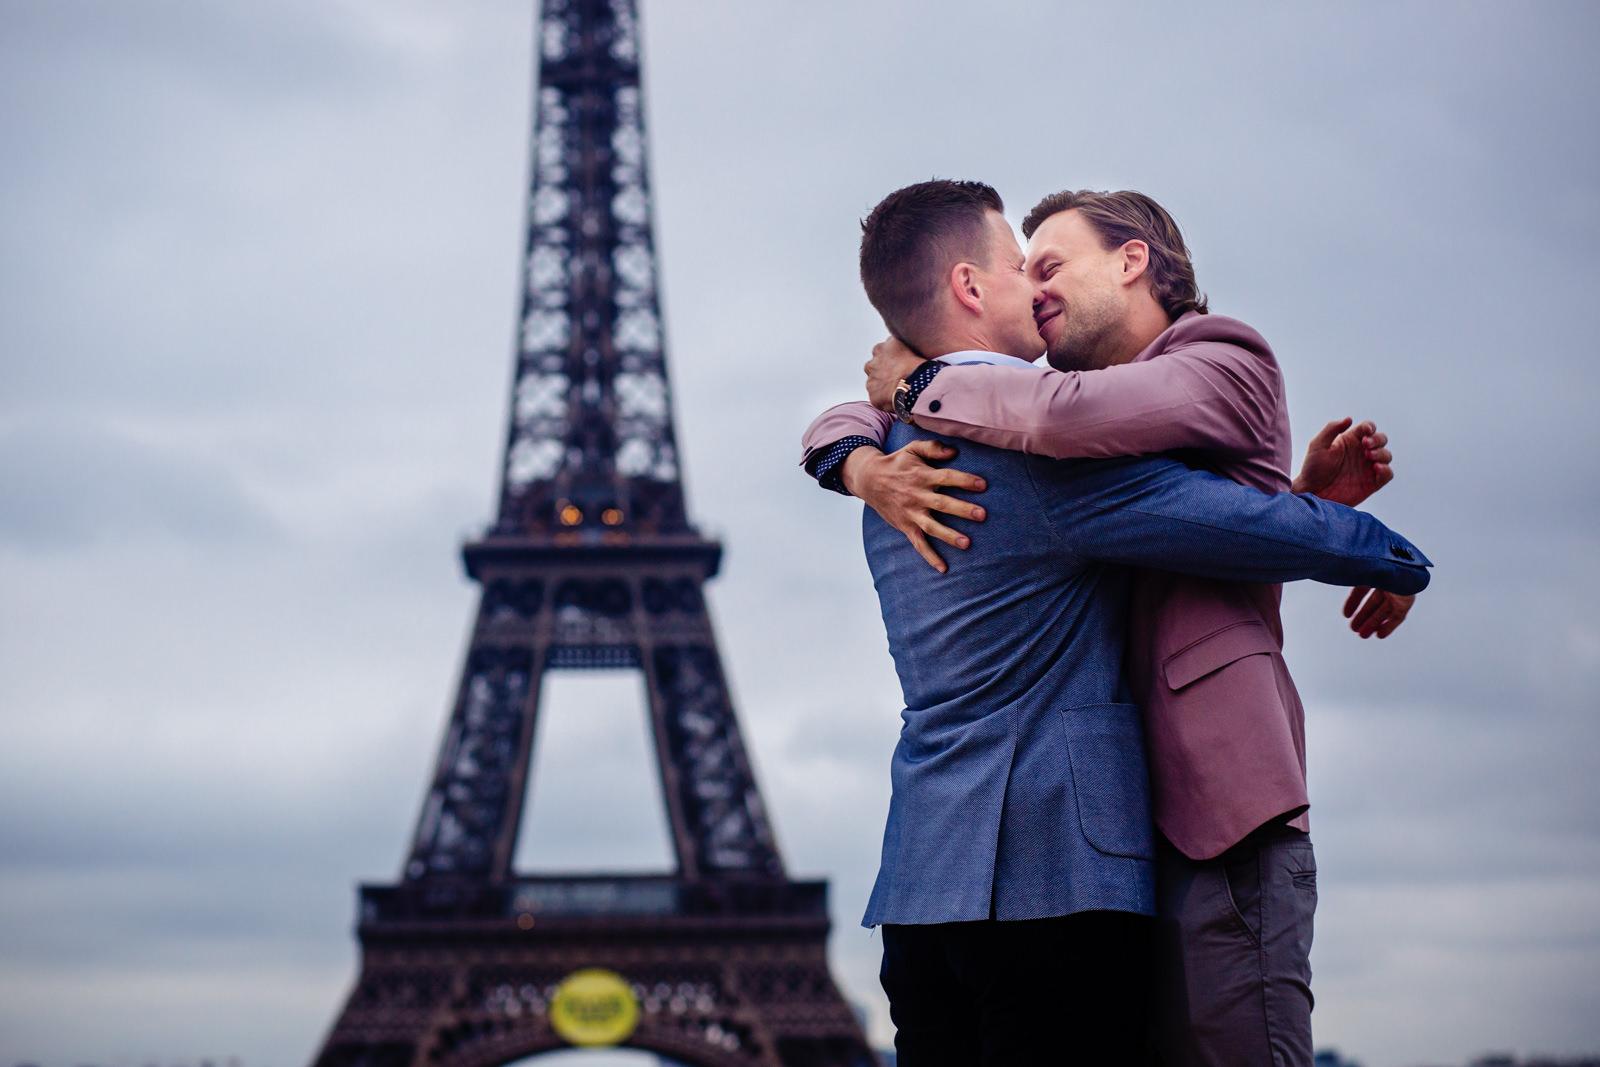 Brautpaarbild bei freier Trauung von Trautante Friederike Delong auf einer Hochzeit am Eiffelturm in Paris fotografiert von Hochzeitsfotograf Steven Herrschaft aus Wiesbaden